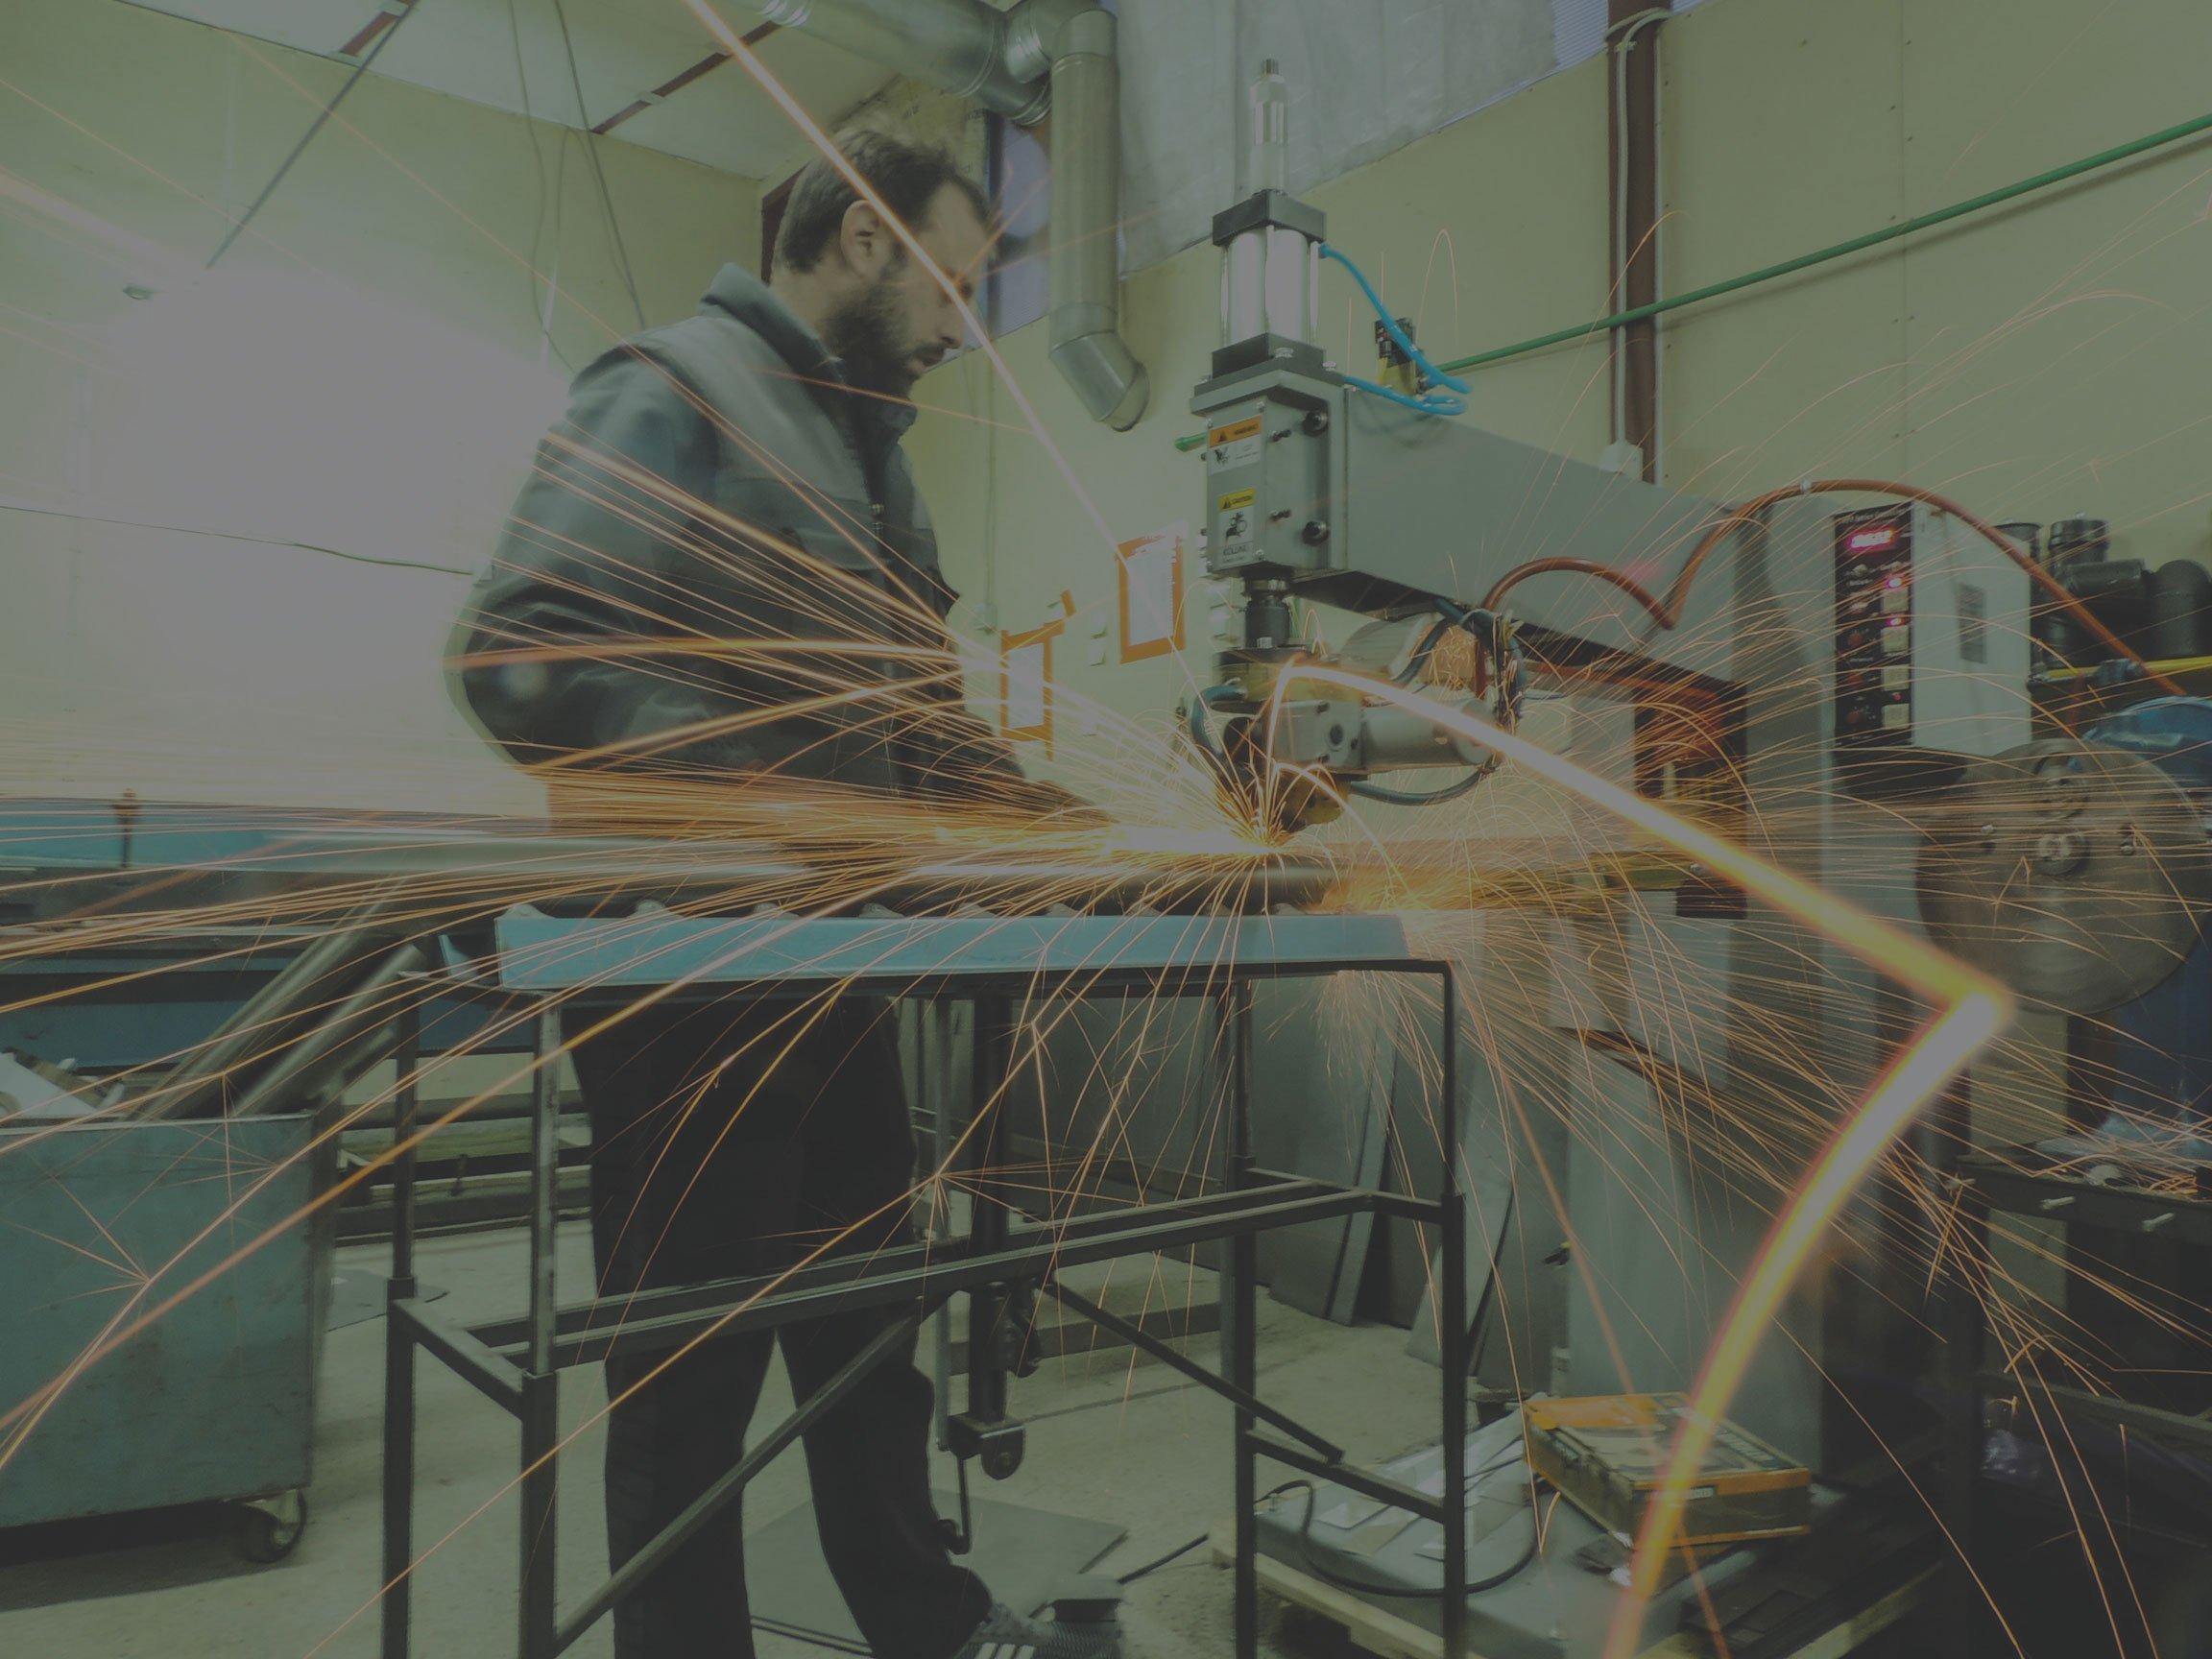 Proizvodnja dimovodnih cevi i dimnjaka od inox-a